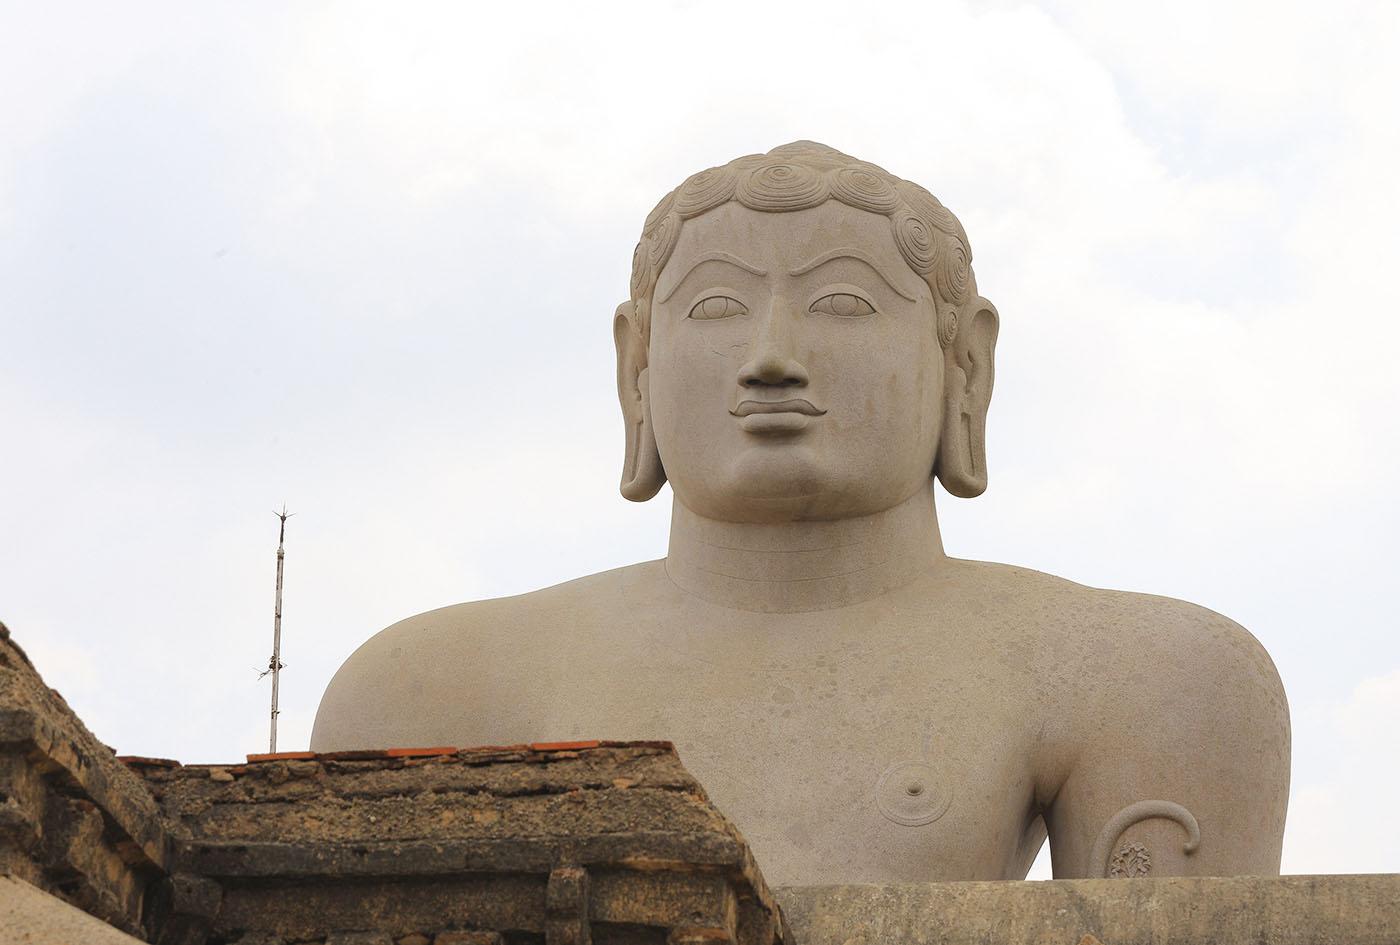 Фото 13. Отызы туристов о поездке в Индию. Бахубали (Гоматешвара). Голова. Экскурсия на холм Шраванабелагола в районе Хассана в Карнатаке. 125, 14.0, 100, 127